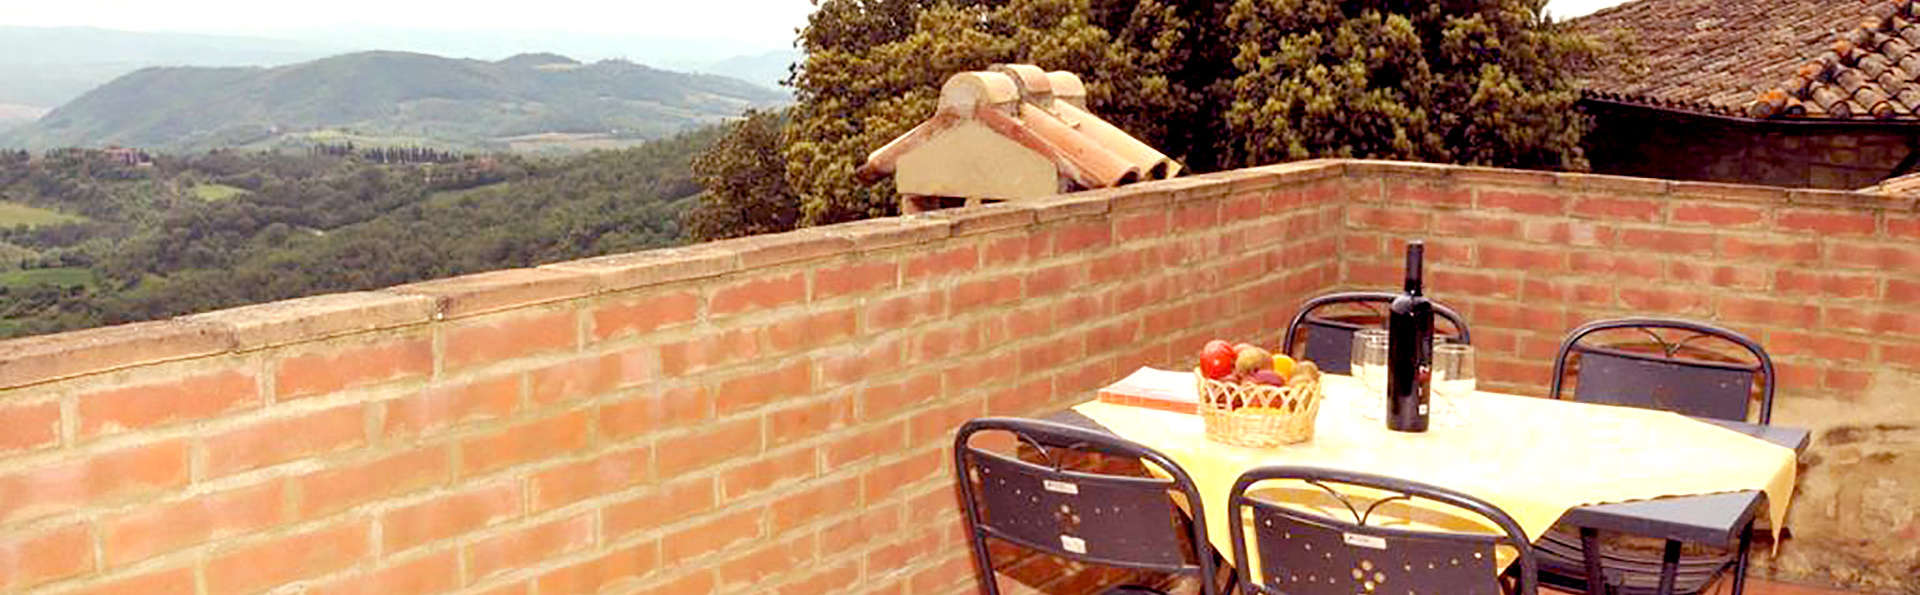 Spa et bouteille de vin au cœur de la verdoyante campagne toscane